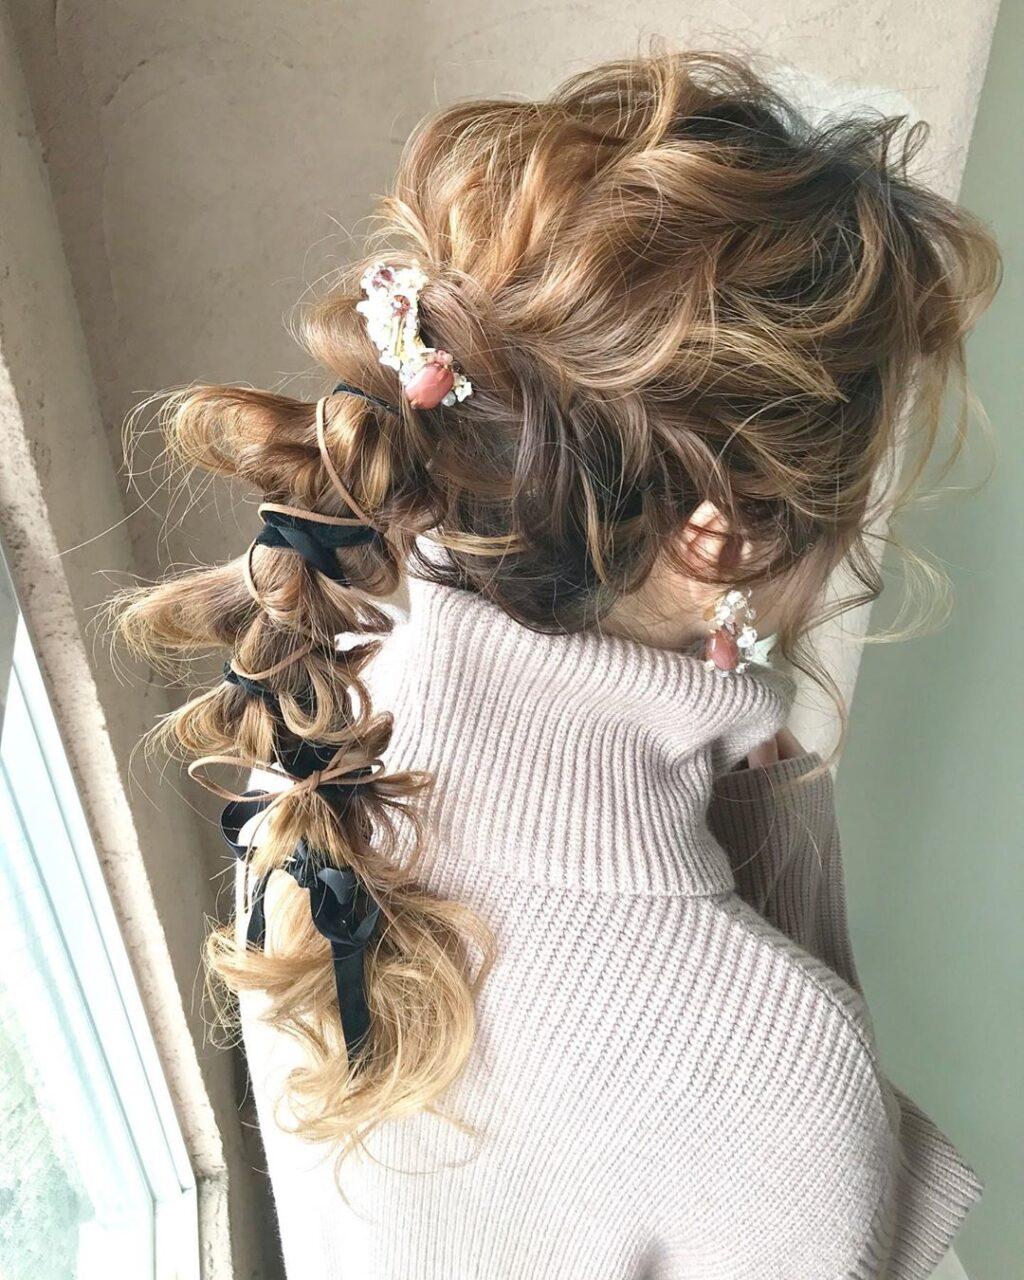 友達の結婚式、髪はどう可愛くする?ロング〜ショート、みんなのお呼ばれヘアカタログ